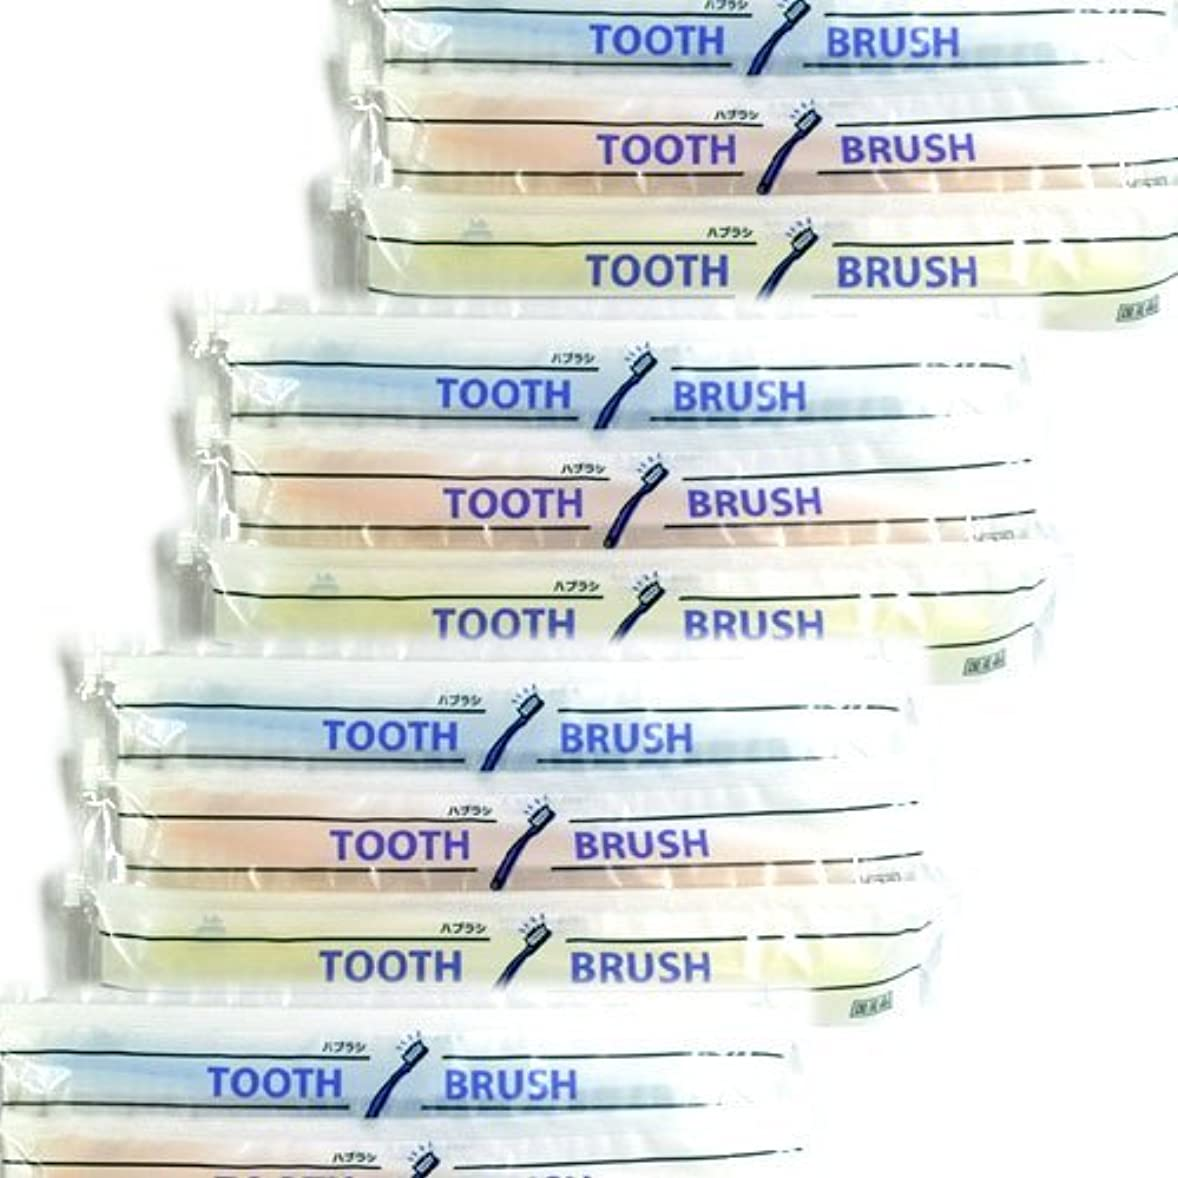 ギャザーくすぐったいバーチャルホテルアメニティ 業務用 使い捨て(インスタント) 粉付き歯ブラシ × 30個セット